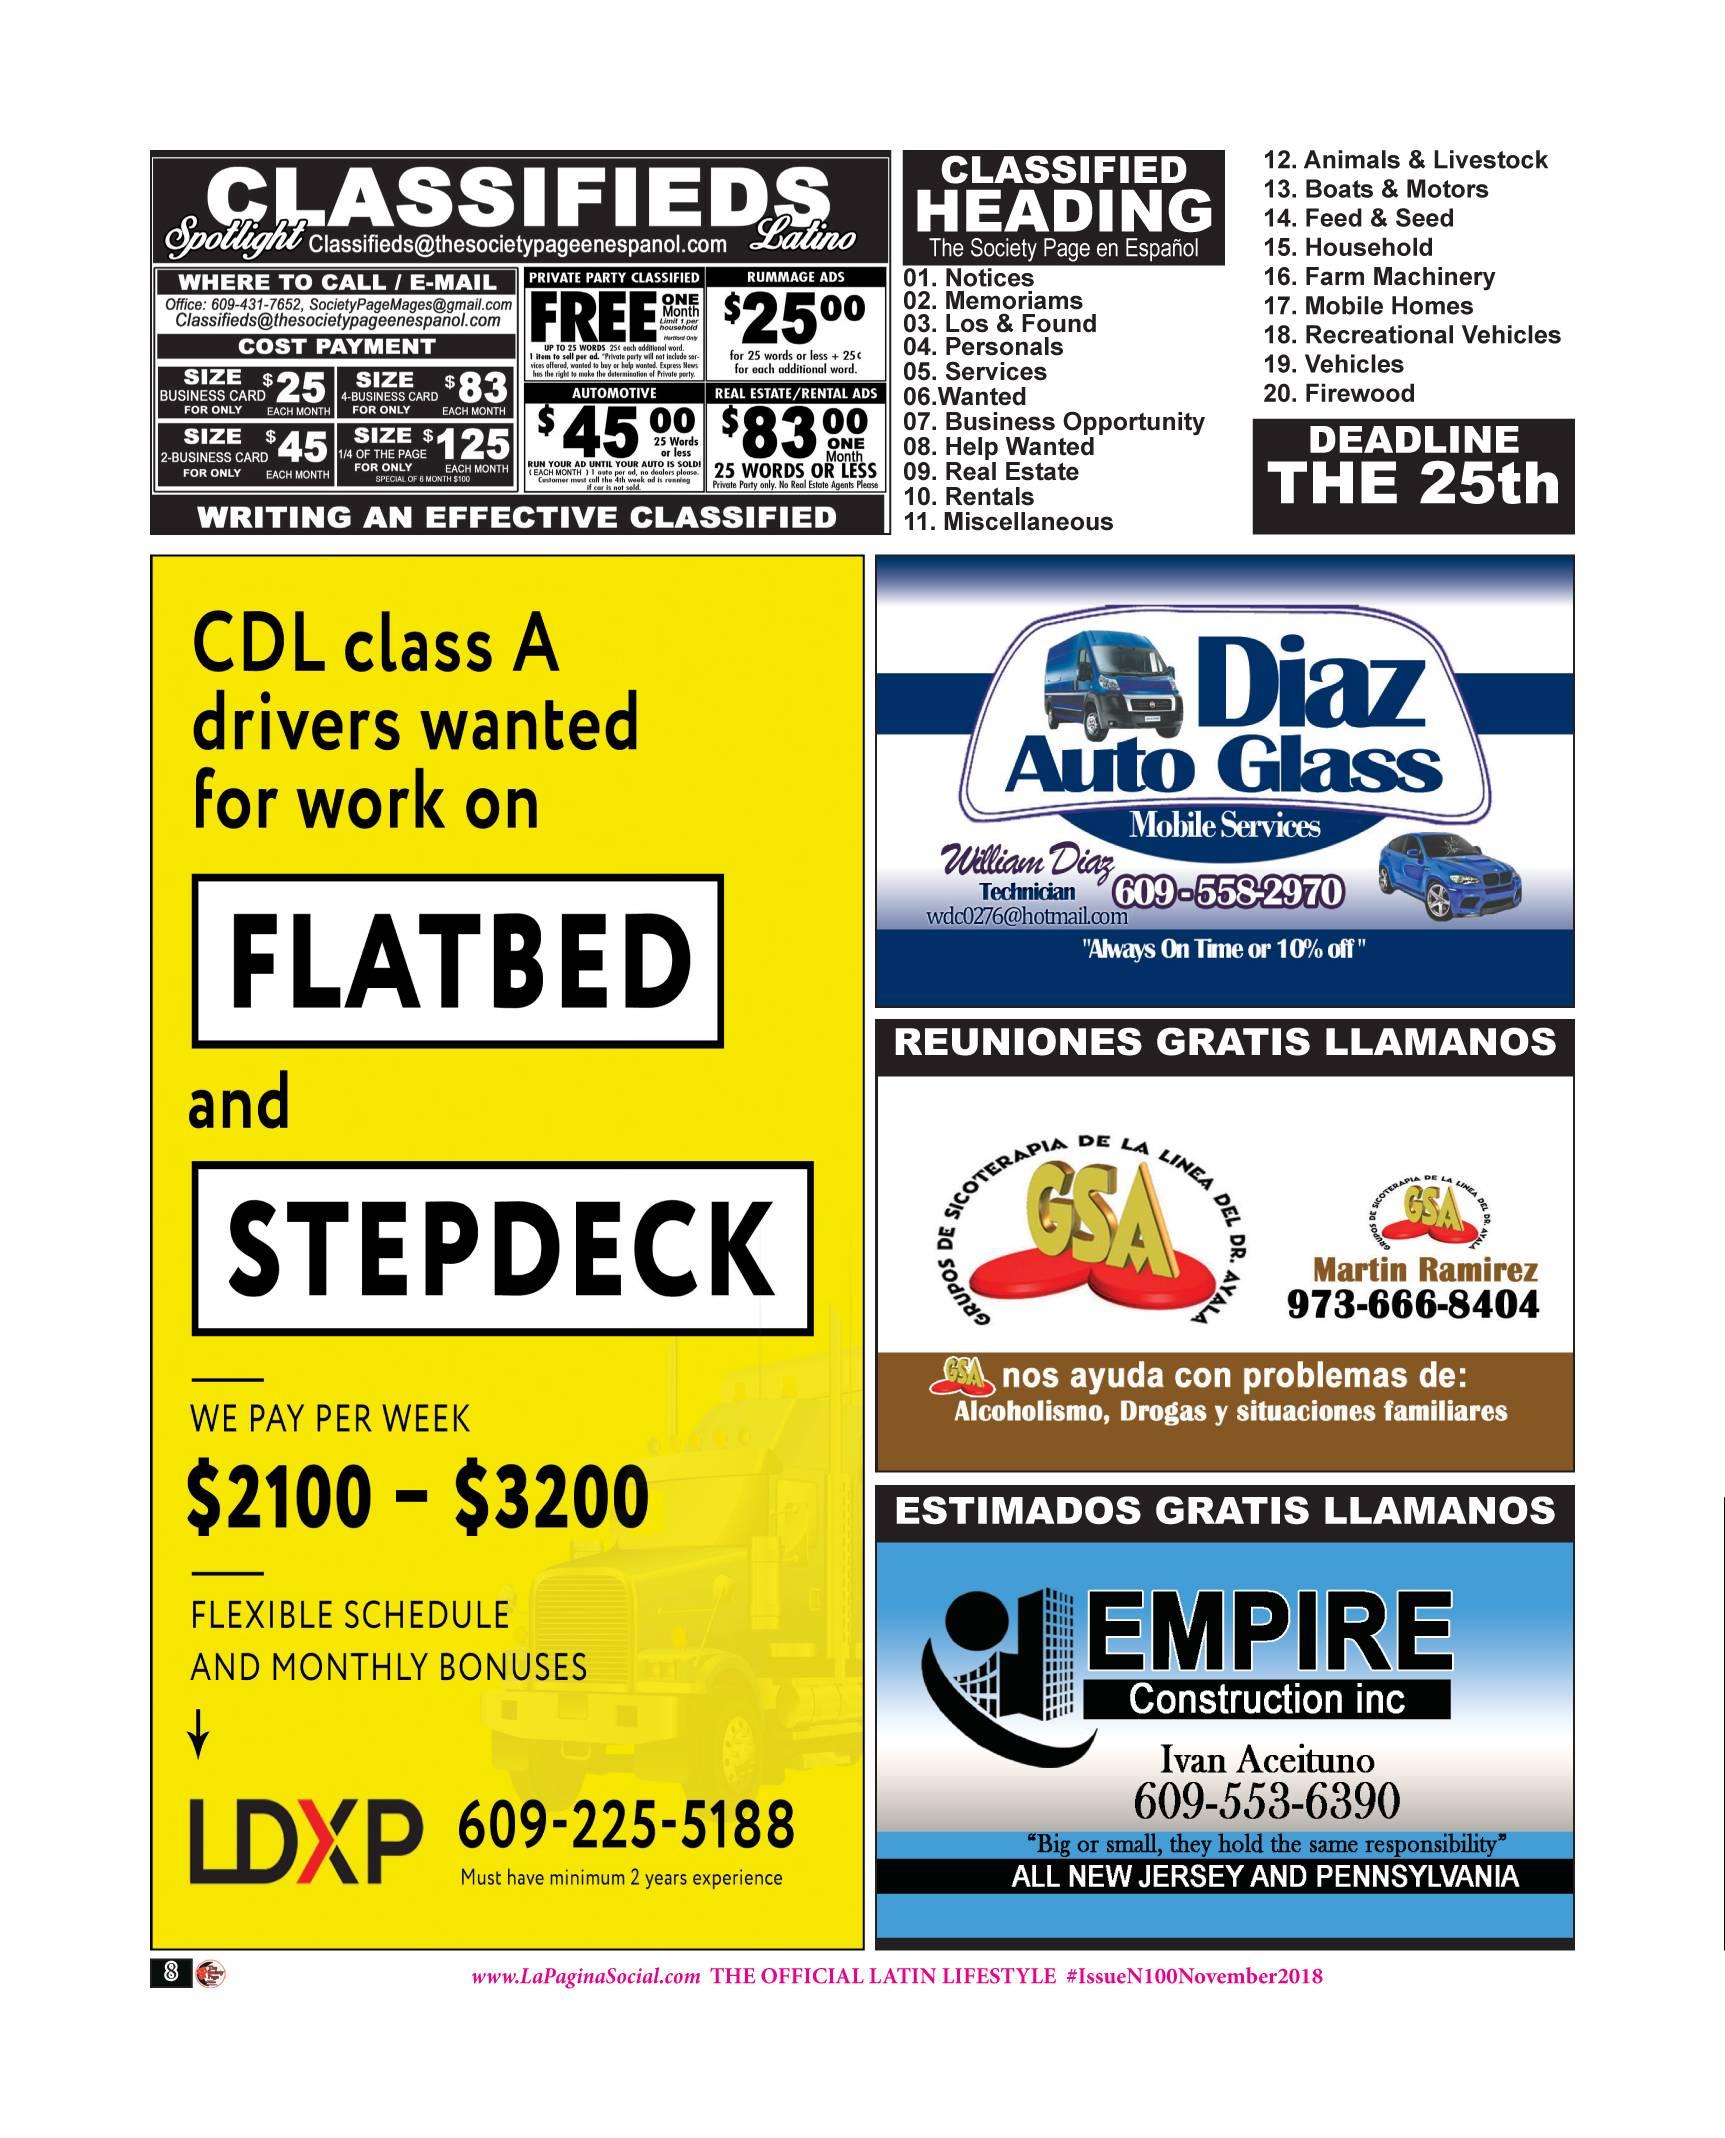 CDL DRIVERS / LDXP